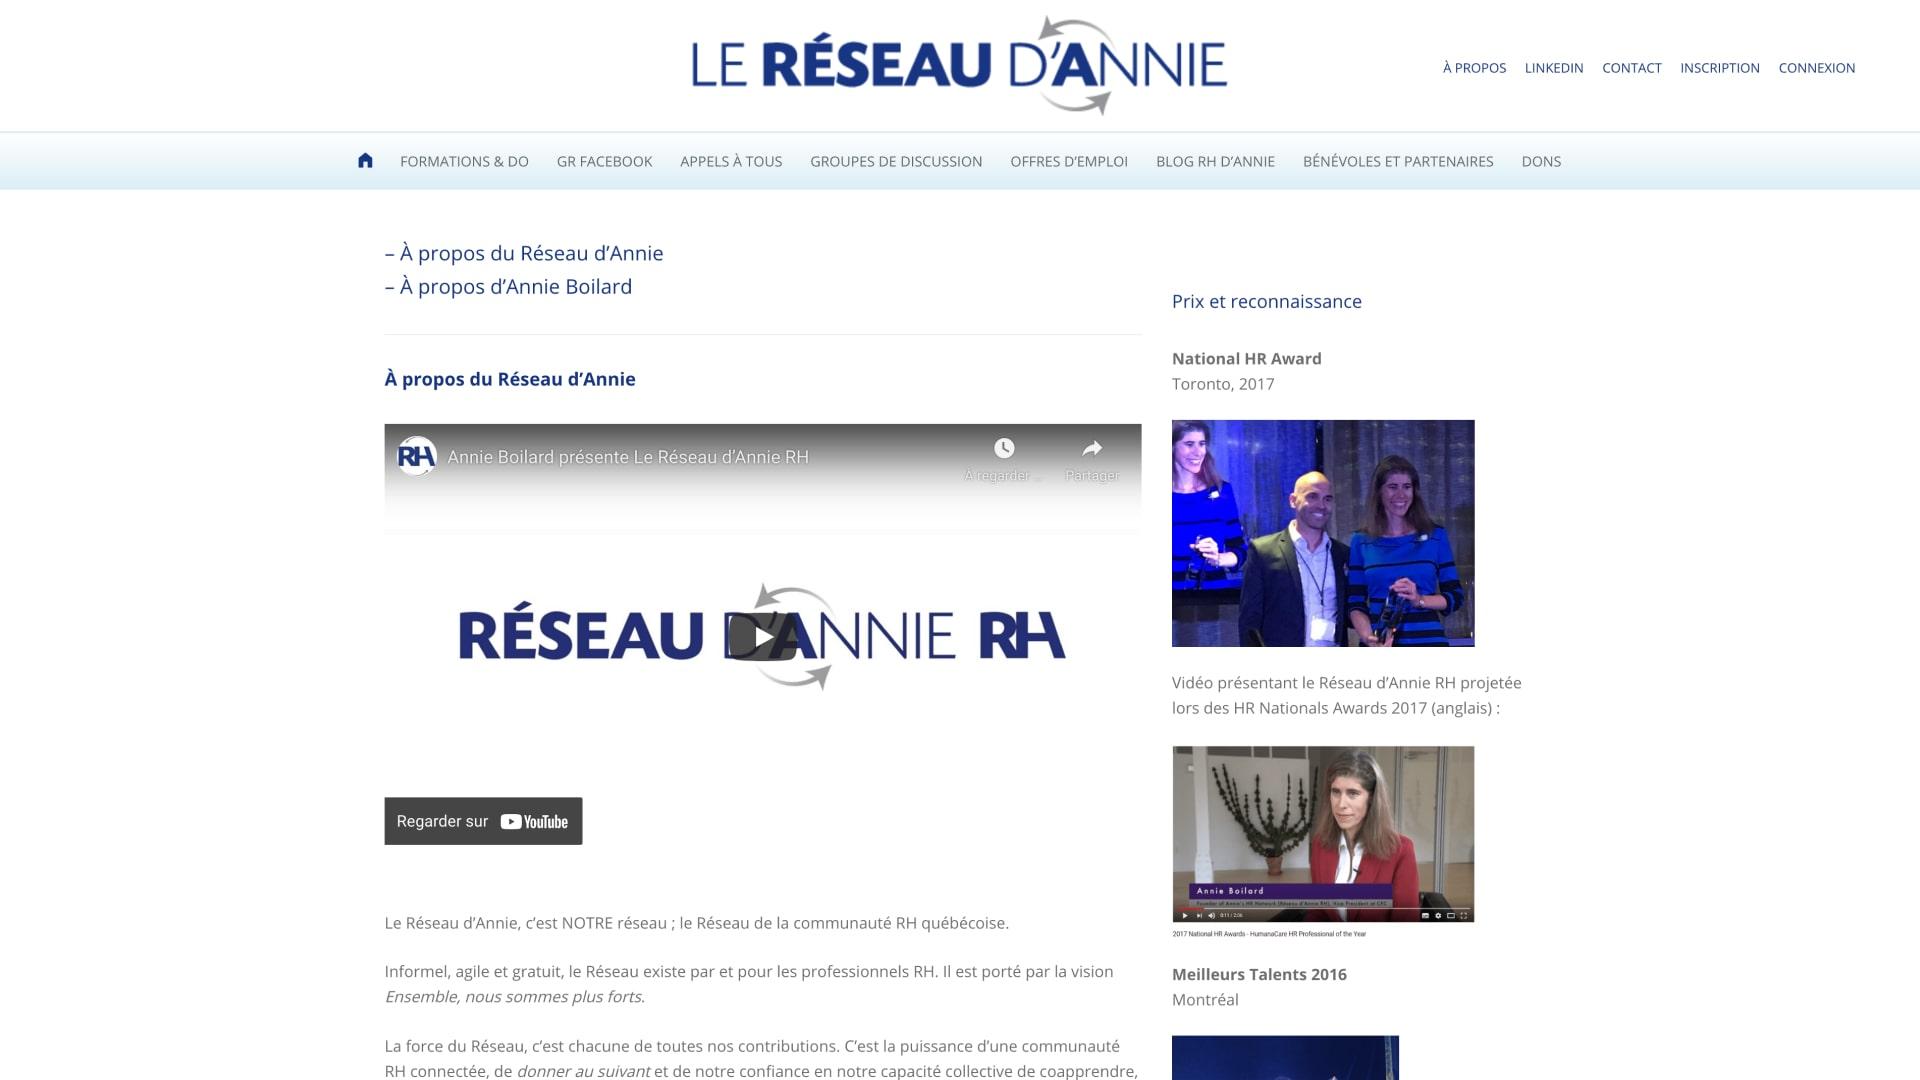 Reseau-Annie-About-Sidney-Malgras-UX-UI-Designer